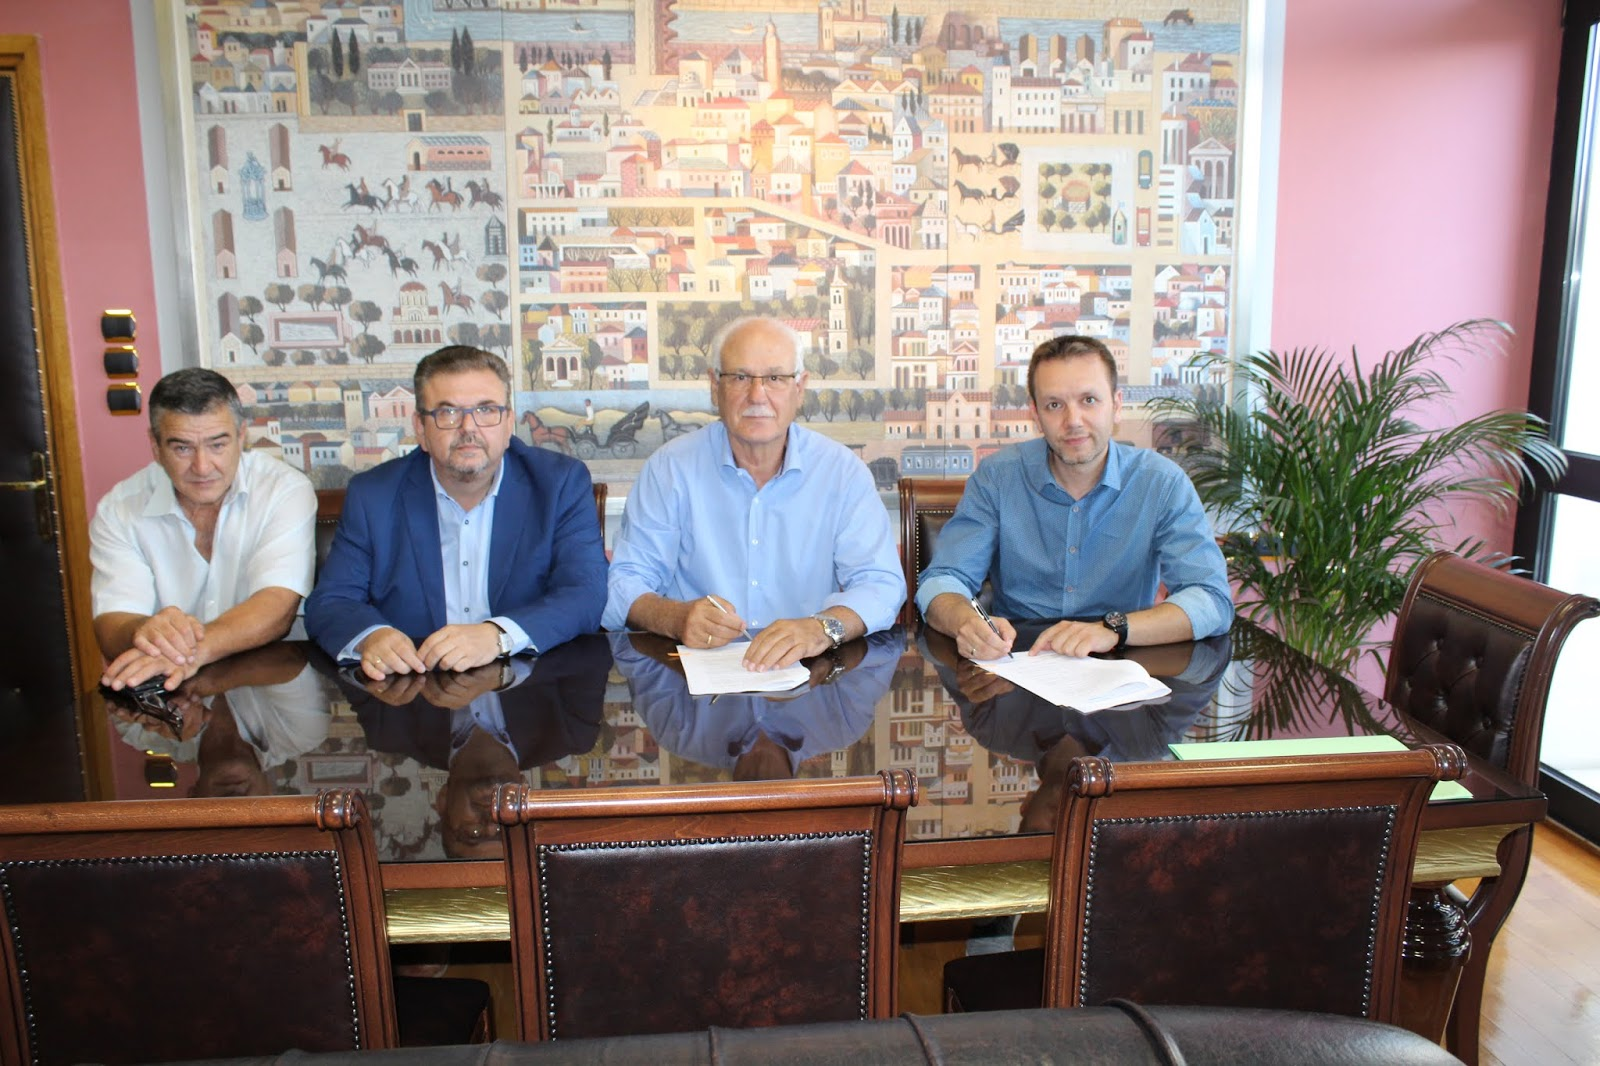 Νέο Επιχειρησιακό Σχέδιο για την Πολιτική Προστασία του Δήμου Λαρισαίων